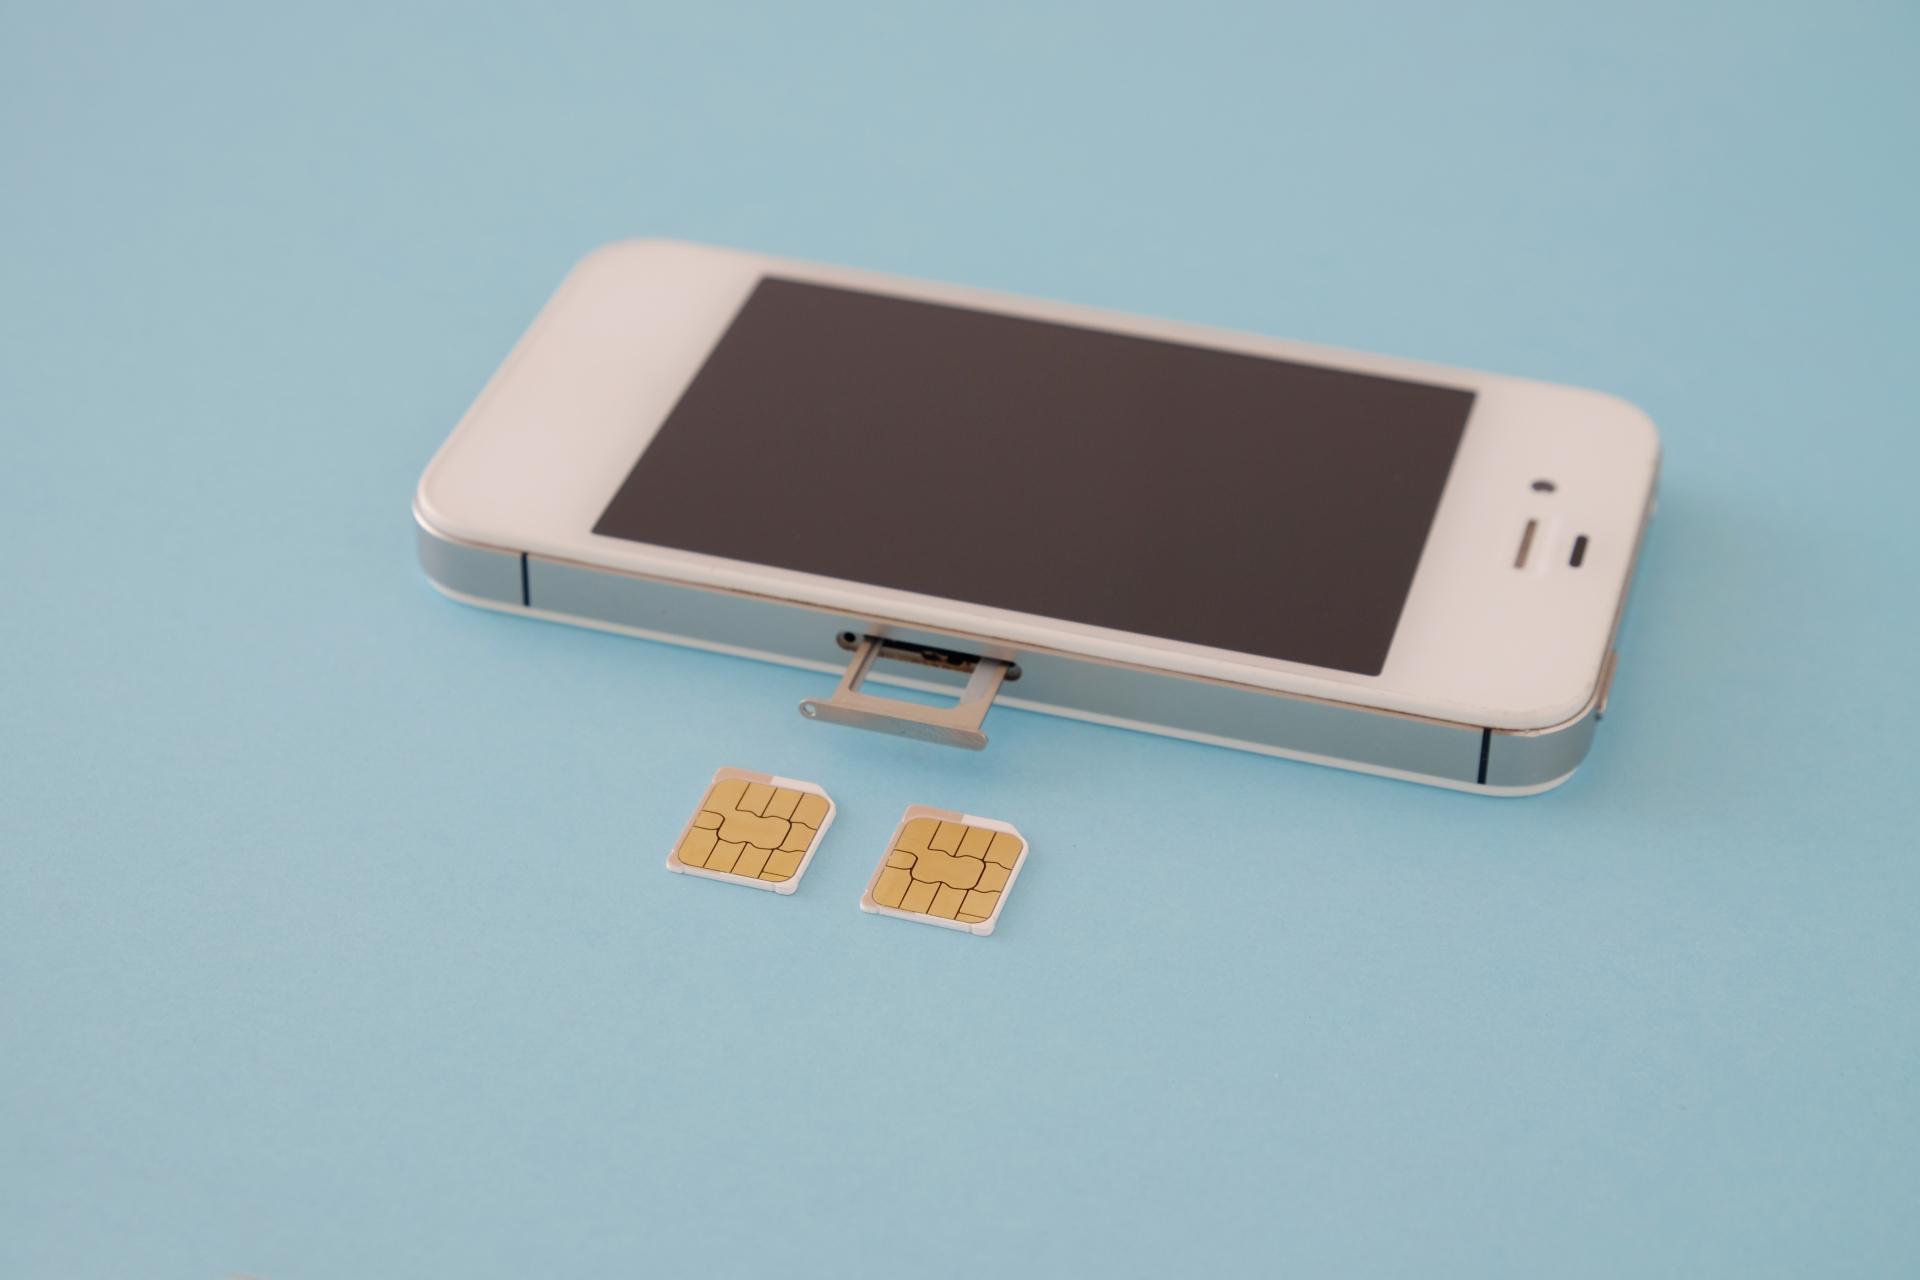 3GB/月の高速データ通信プランのあるおすすめ格安SIM比較についての画像